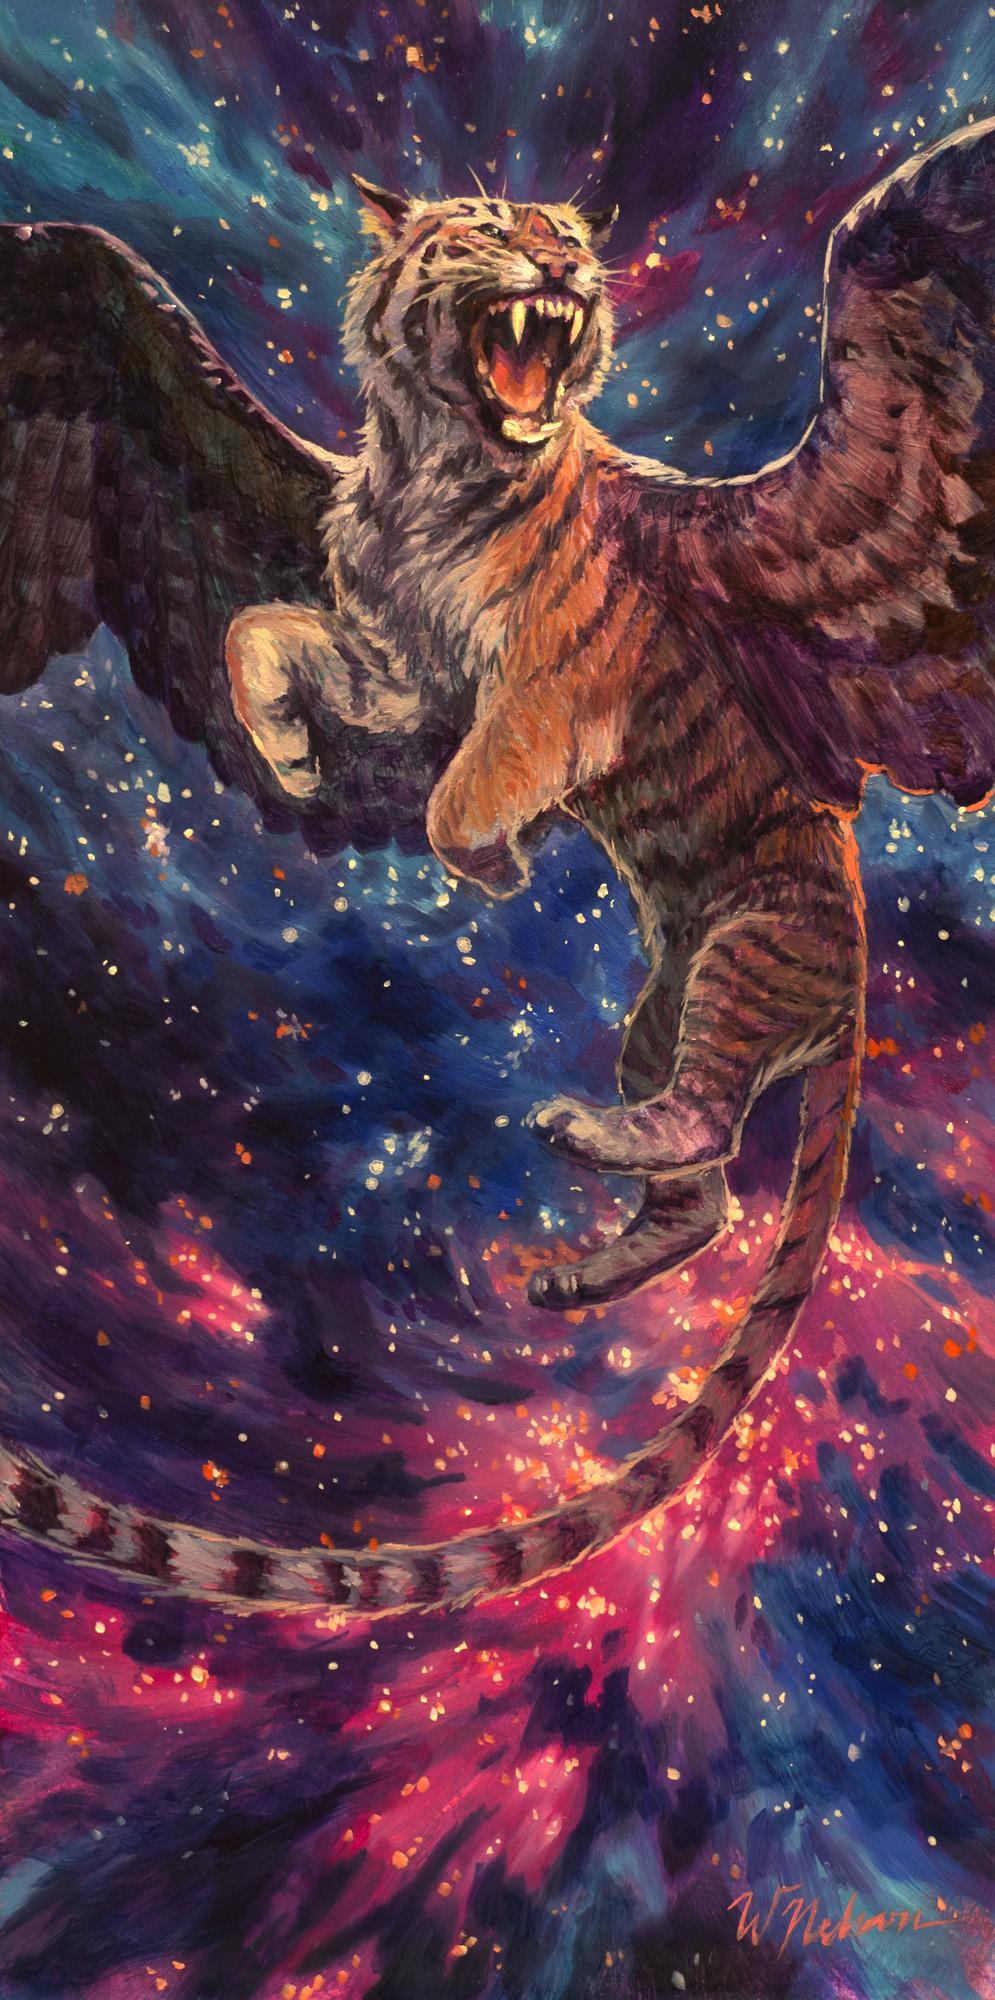 Cosmic_Roar_by_Winona_Nelson_2000px.jpg